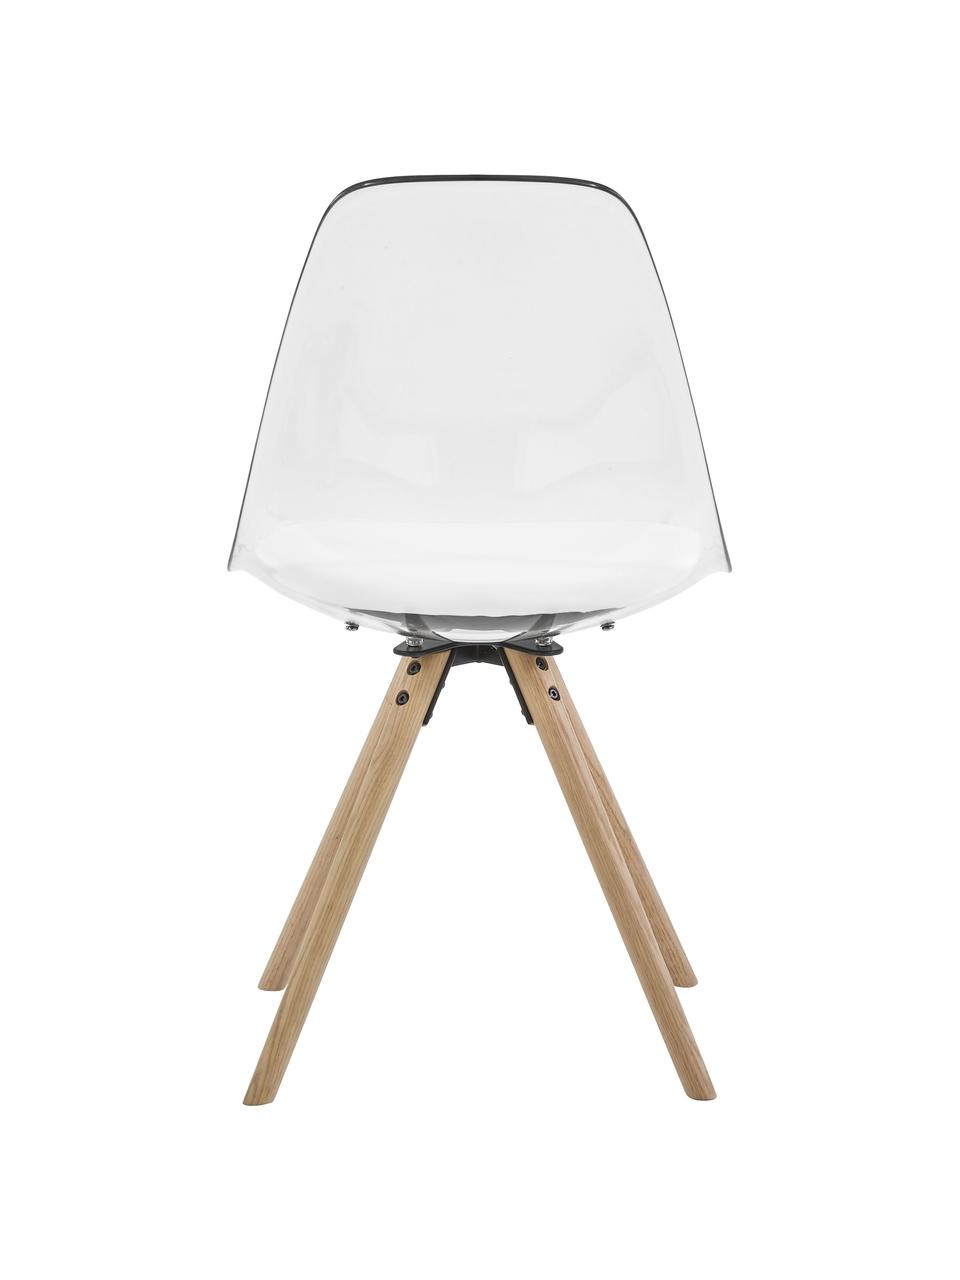 Chaises en plastique Henning, 2 pièces, Blanc, transparent, bois de chêne